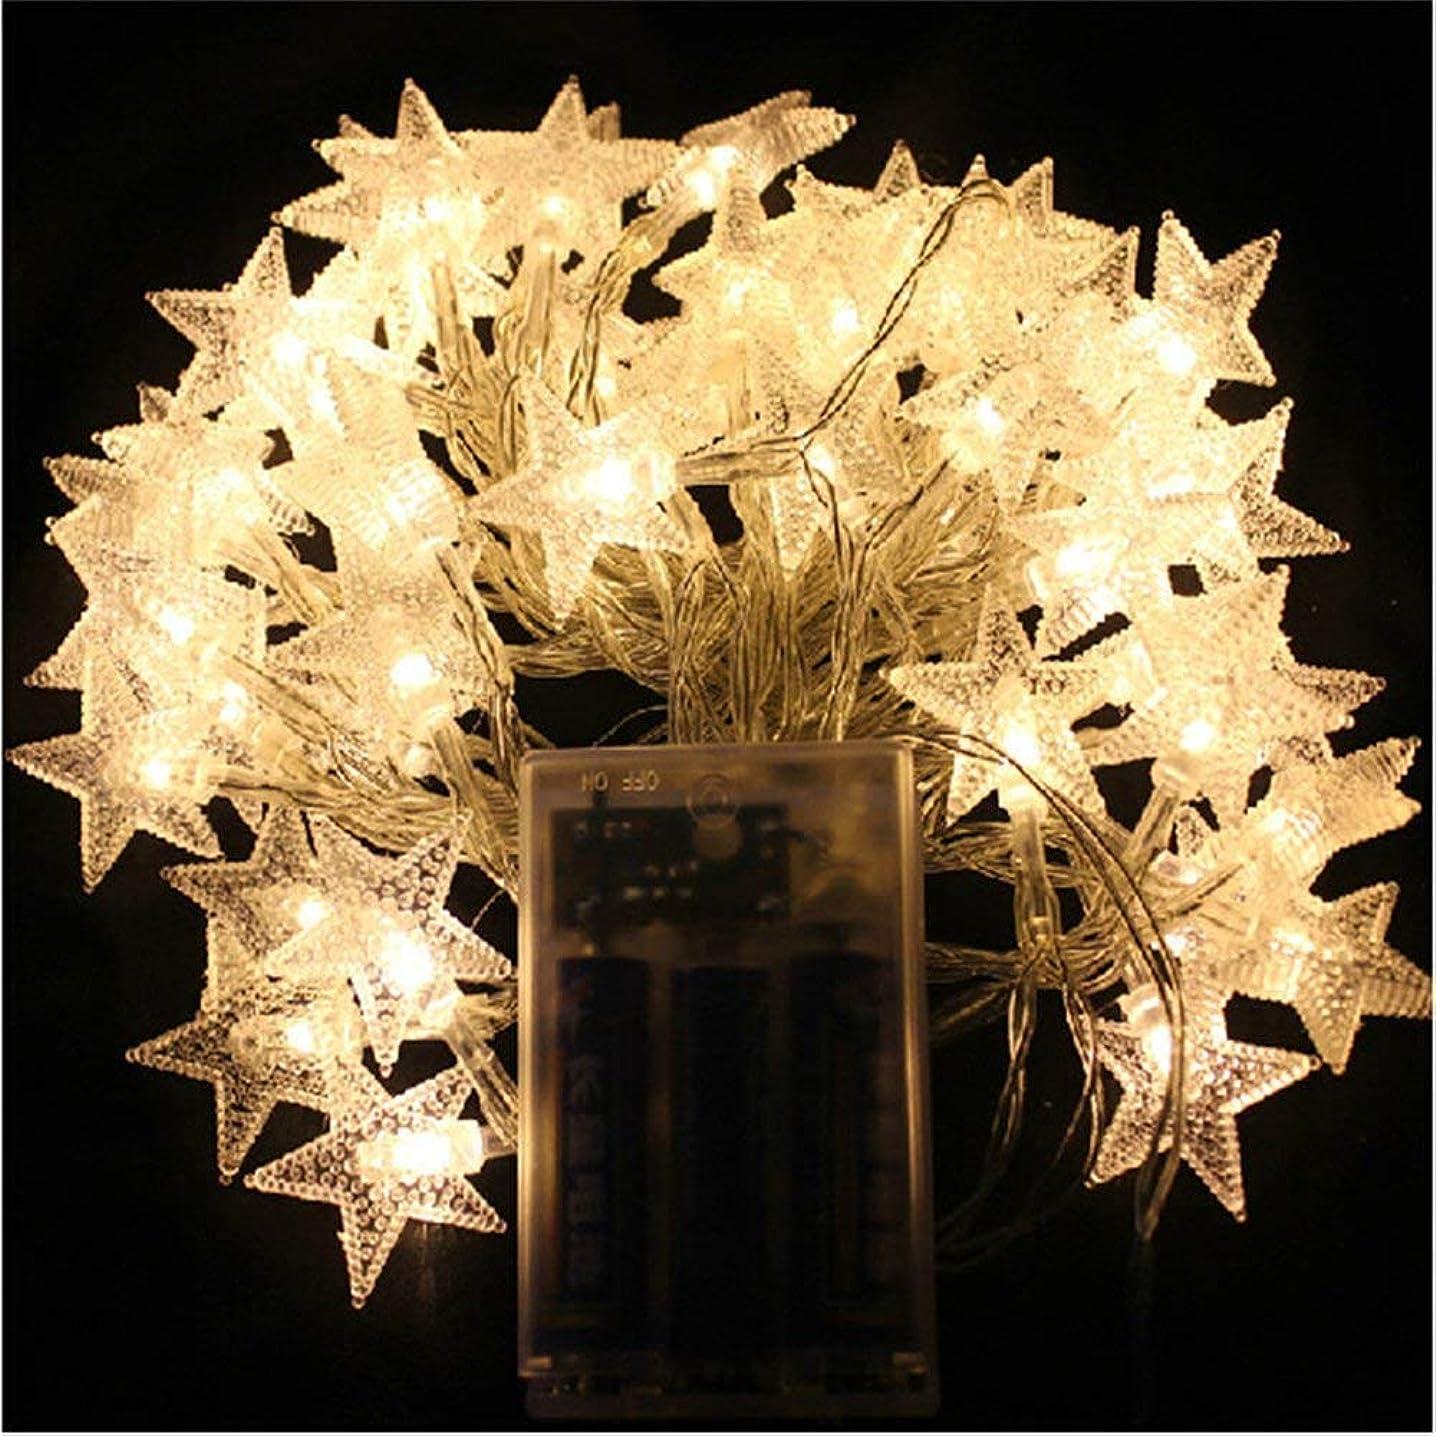 ハードパラメータアプローチイルミネーションライト ストリングライト LED 6m 星型 電球数40 電池式 星型 点滅ライト 室内 室外 コンセント不要 結婚式 パーティー 庭 防水 ウォームホワイ